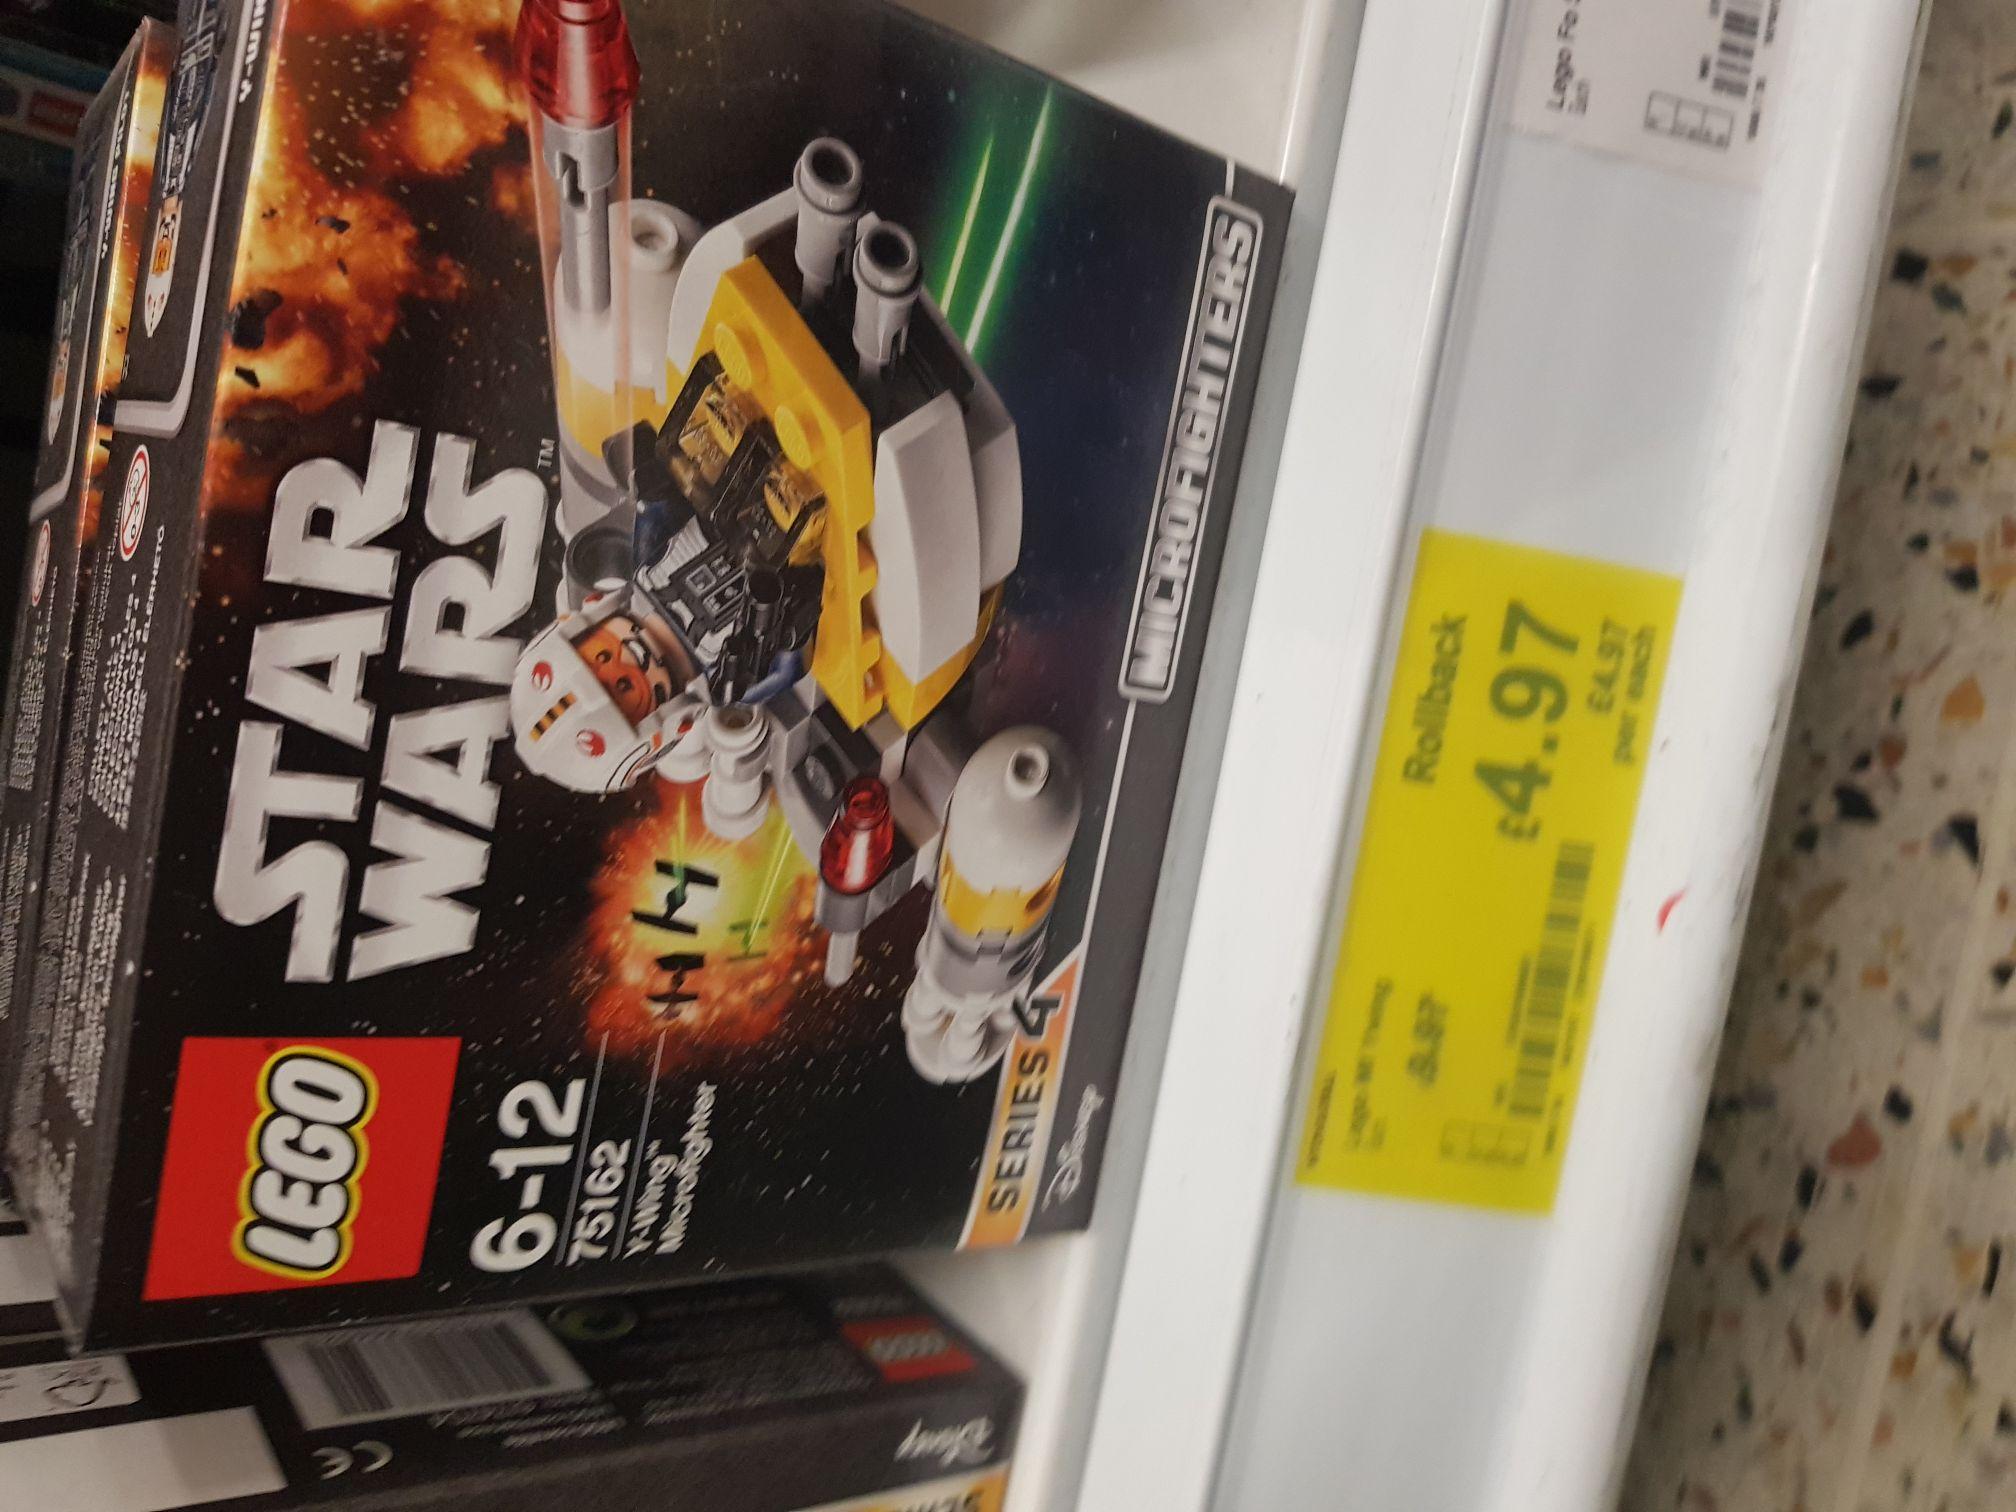 Lego Y-Wing Microfigure £4.97 instore @ Asda